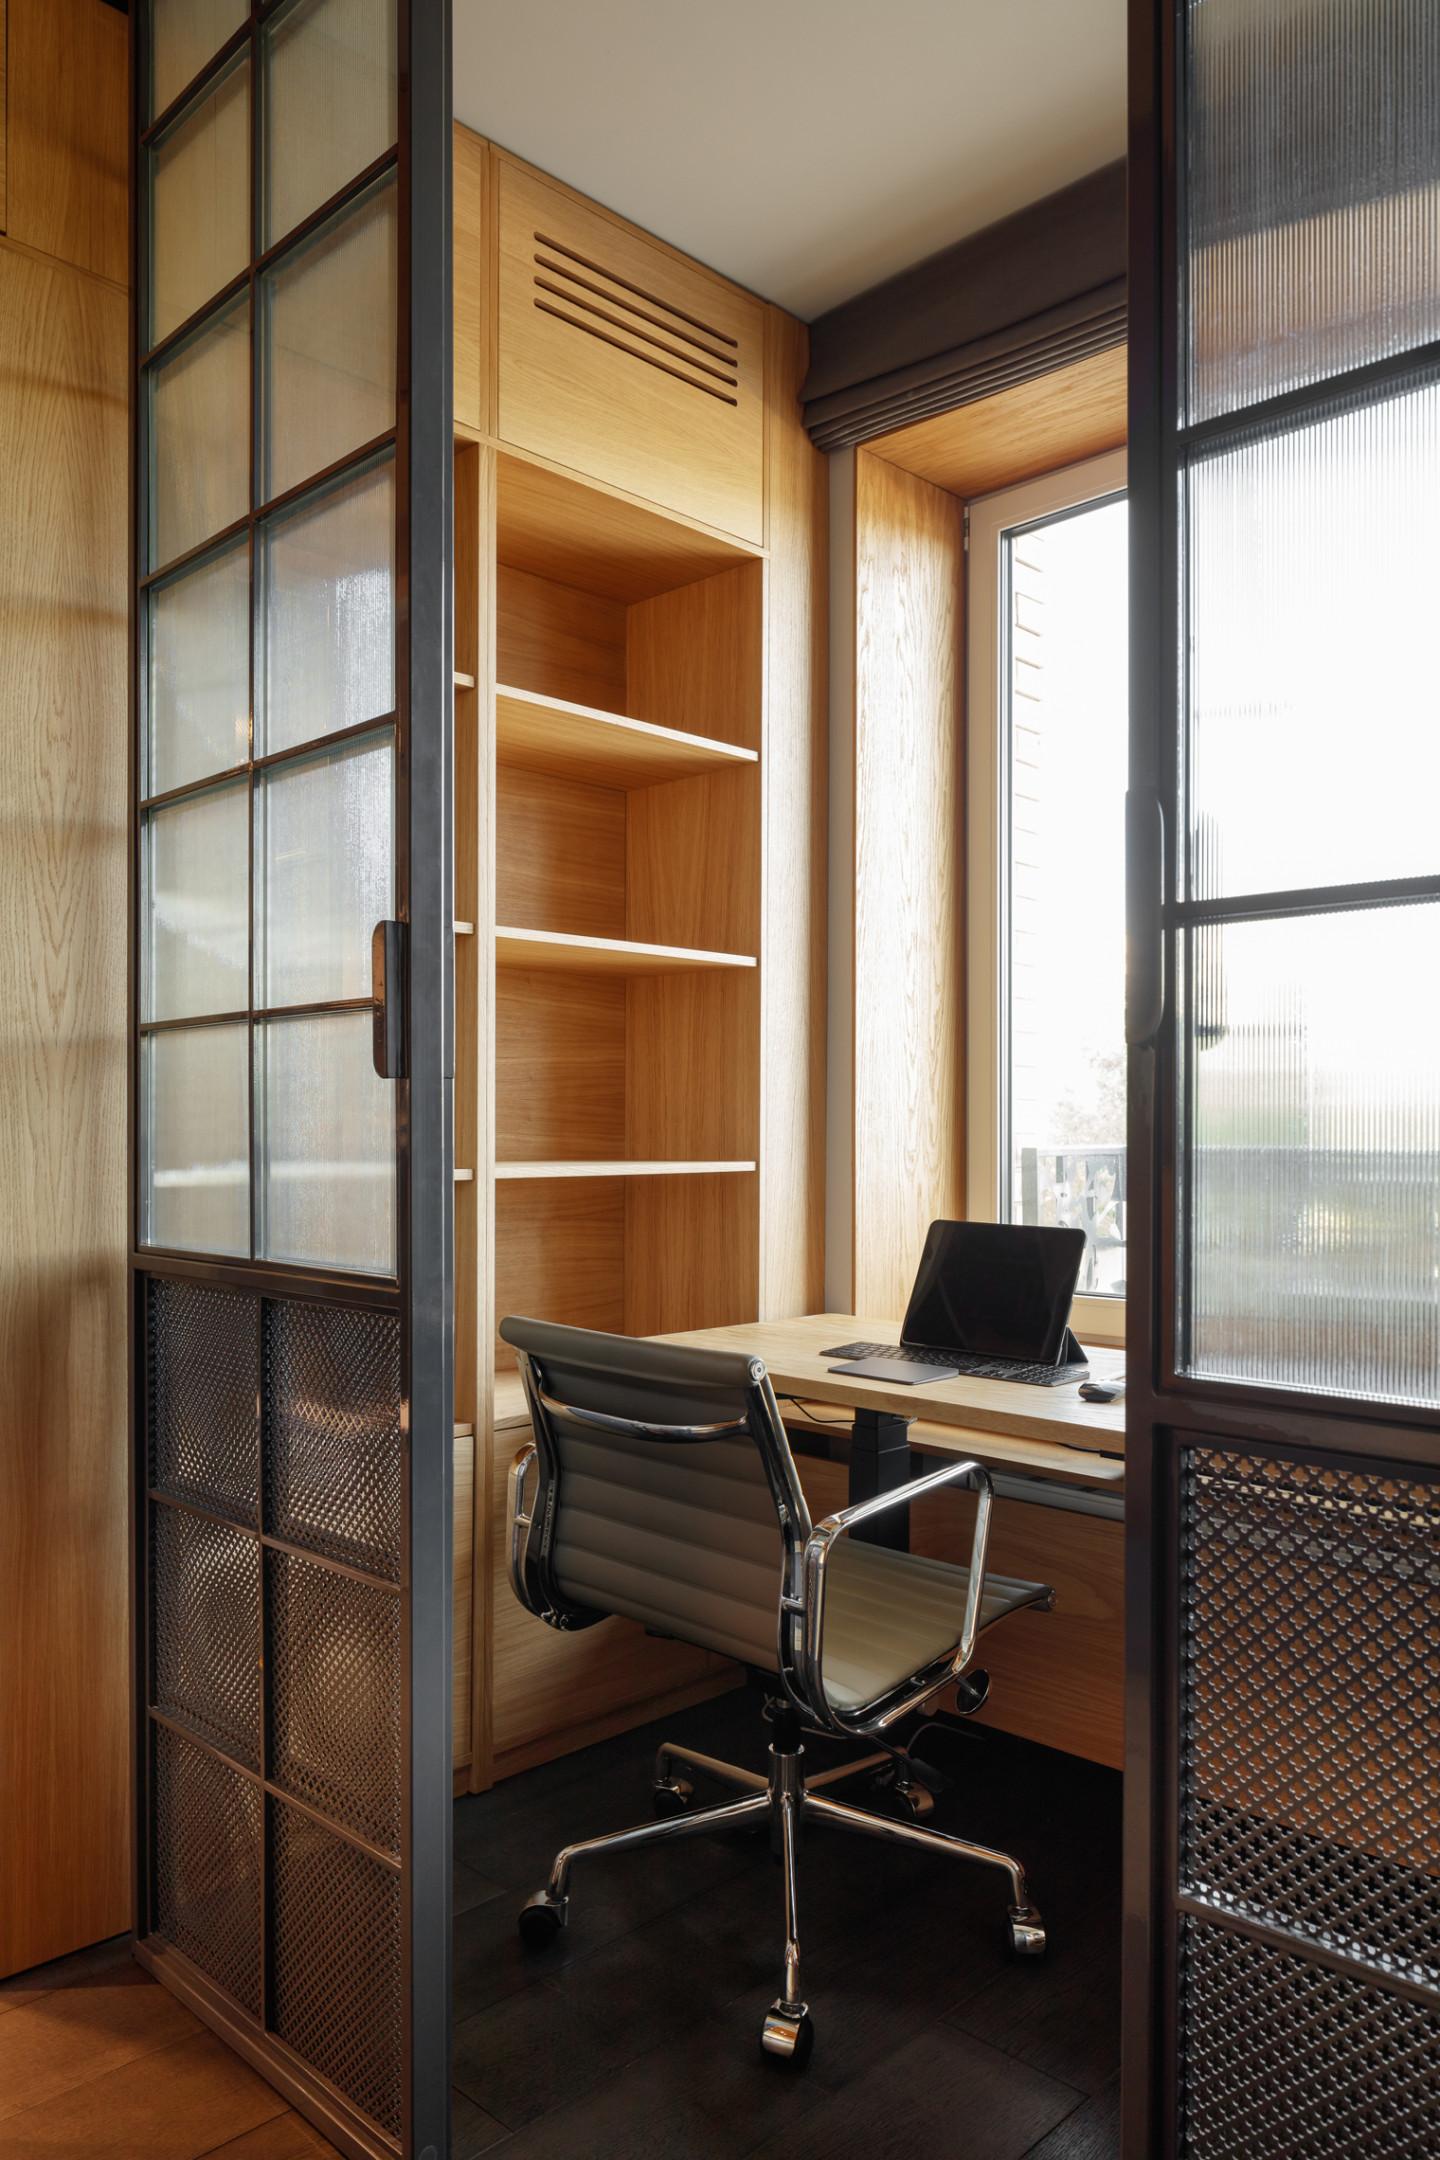 Абсолютно вся мебель, кроме офисного кресла, была изготовлена для этого кабинета на заказ по эскизам архитекторов